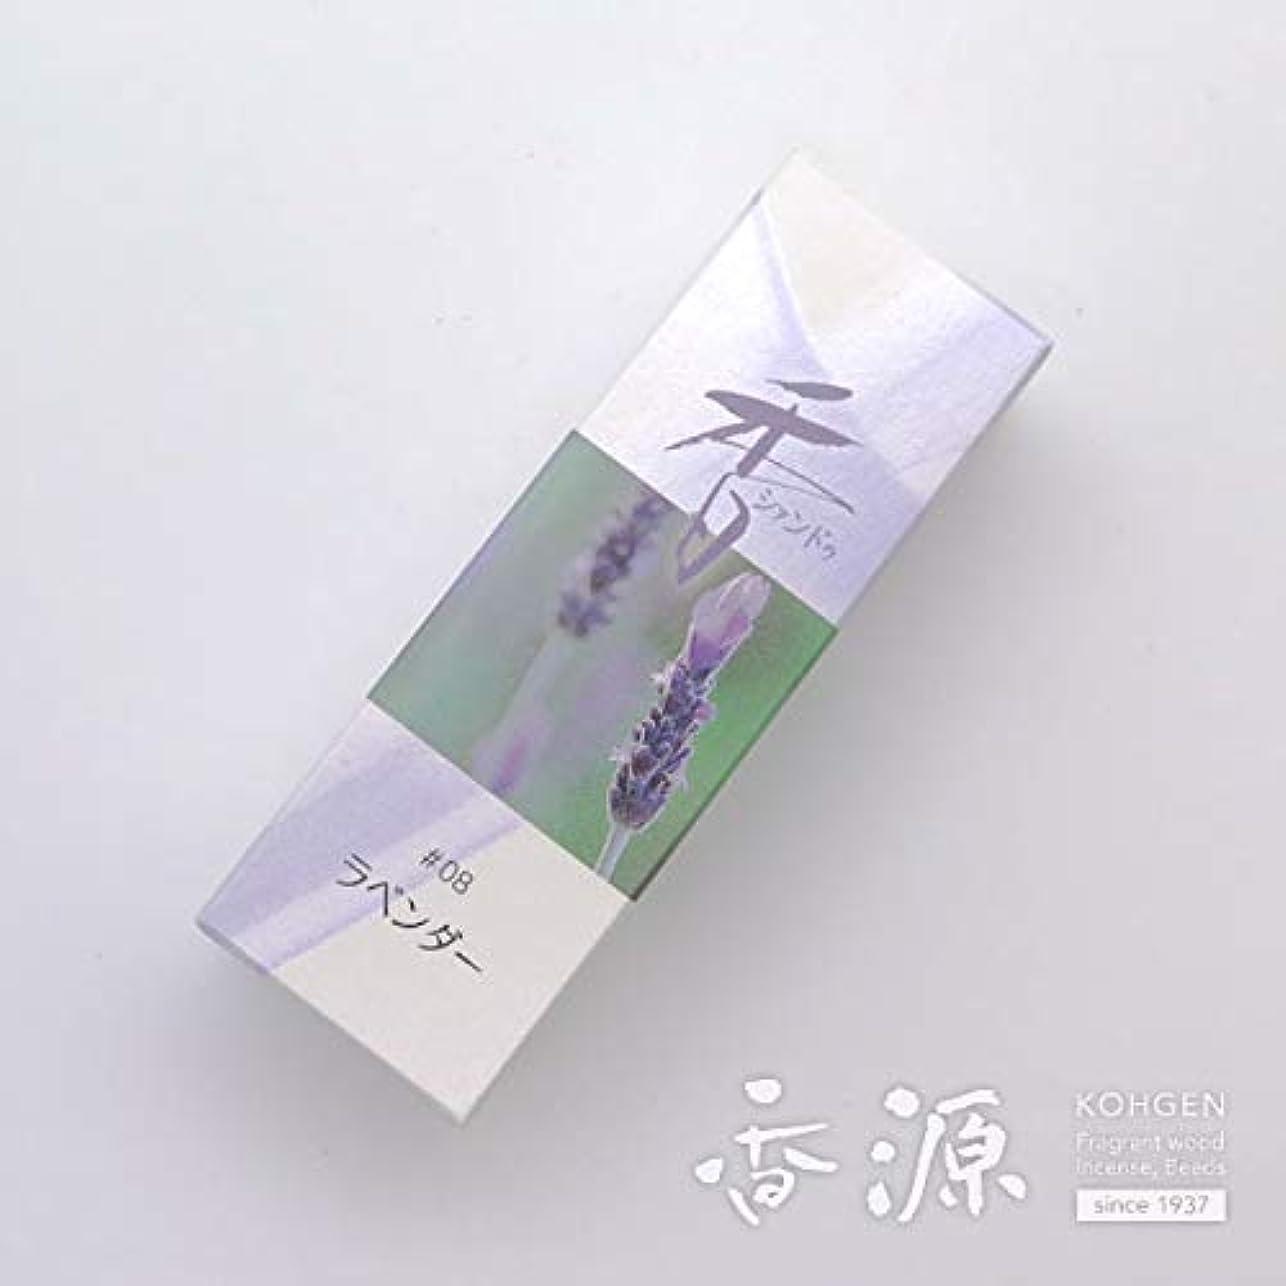 増幅するトピック能力松栄堂のお香 Xiang Do ラベンダー ST20本入 簡易香立付 #214208